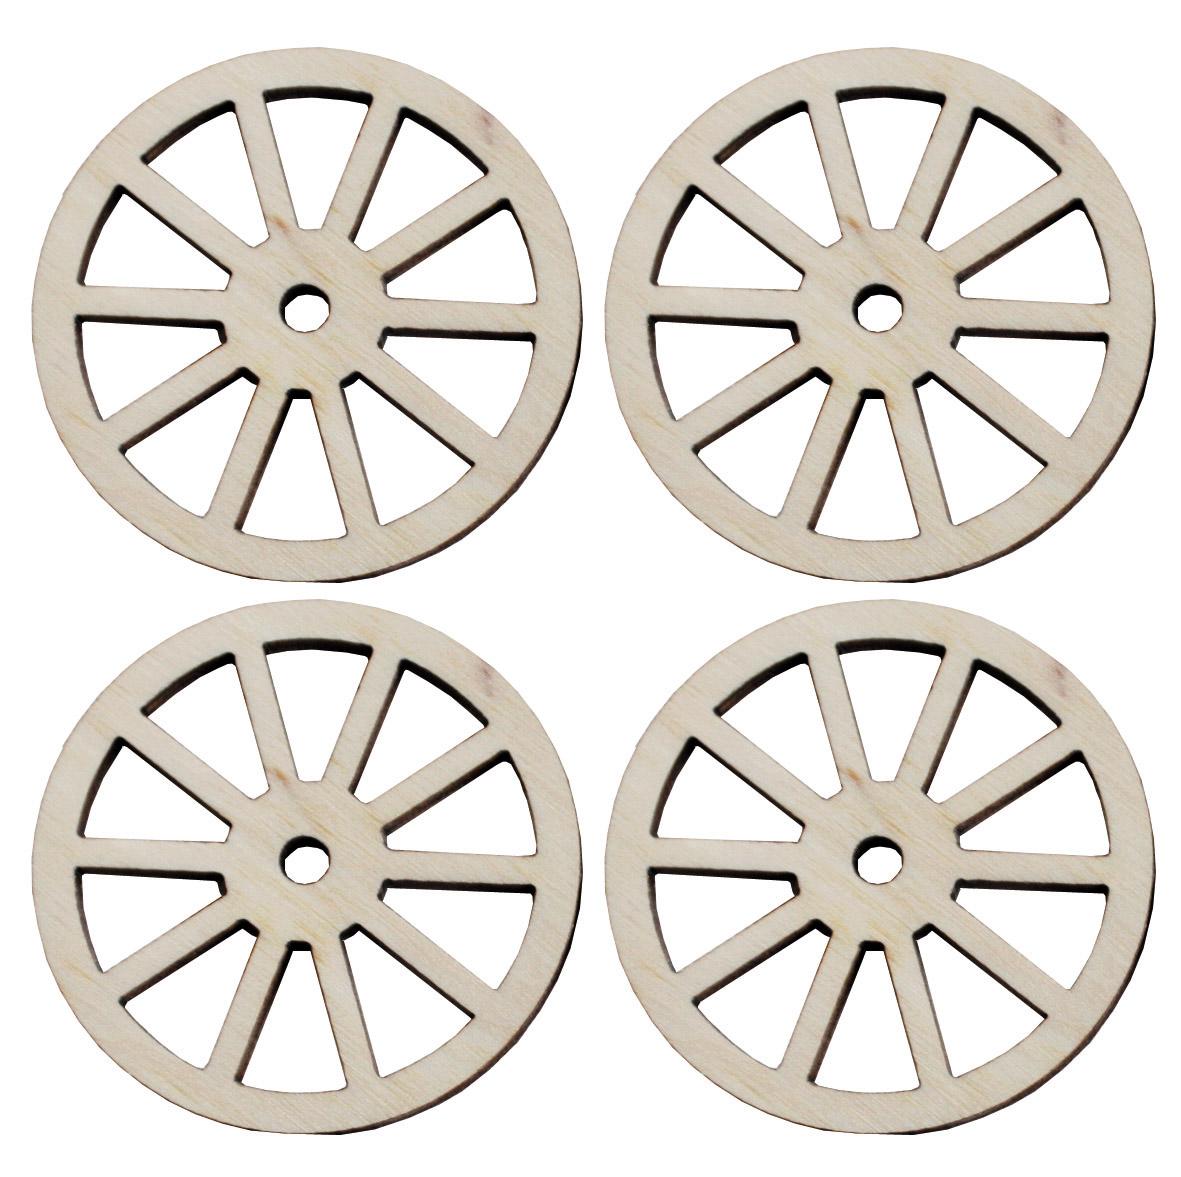 Spoked wheels, diameter: 45 mm